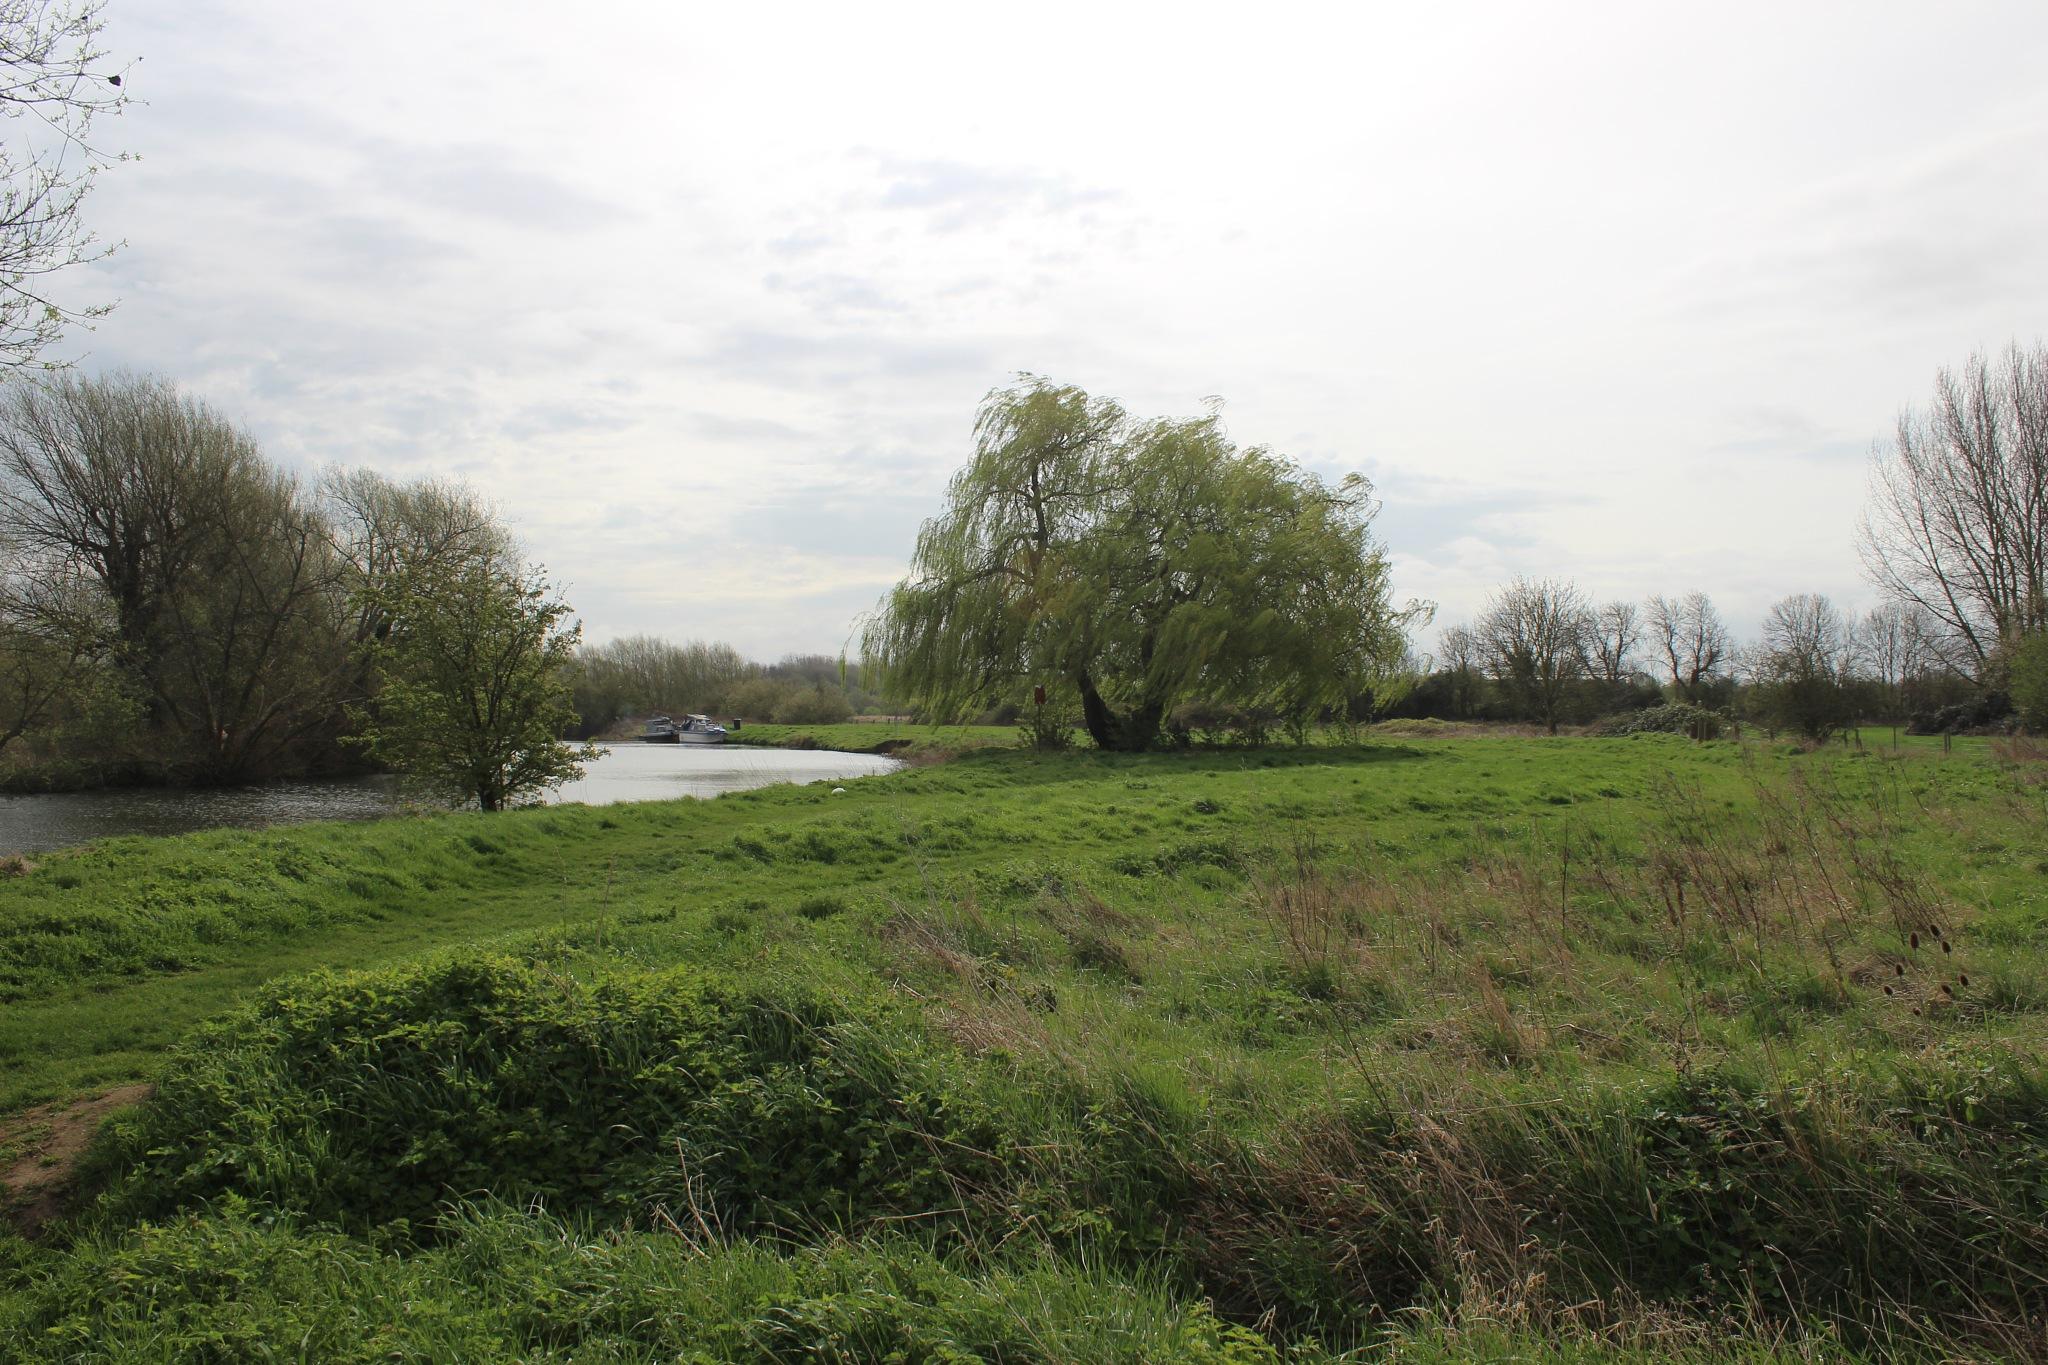 Riverside Contrast (1) by Jon Brooke-Langham